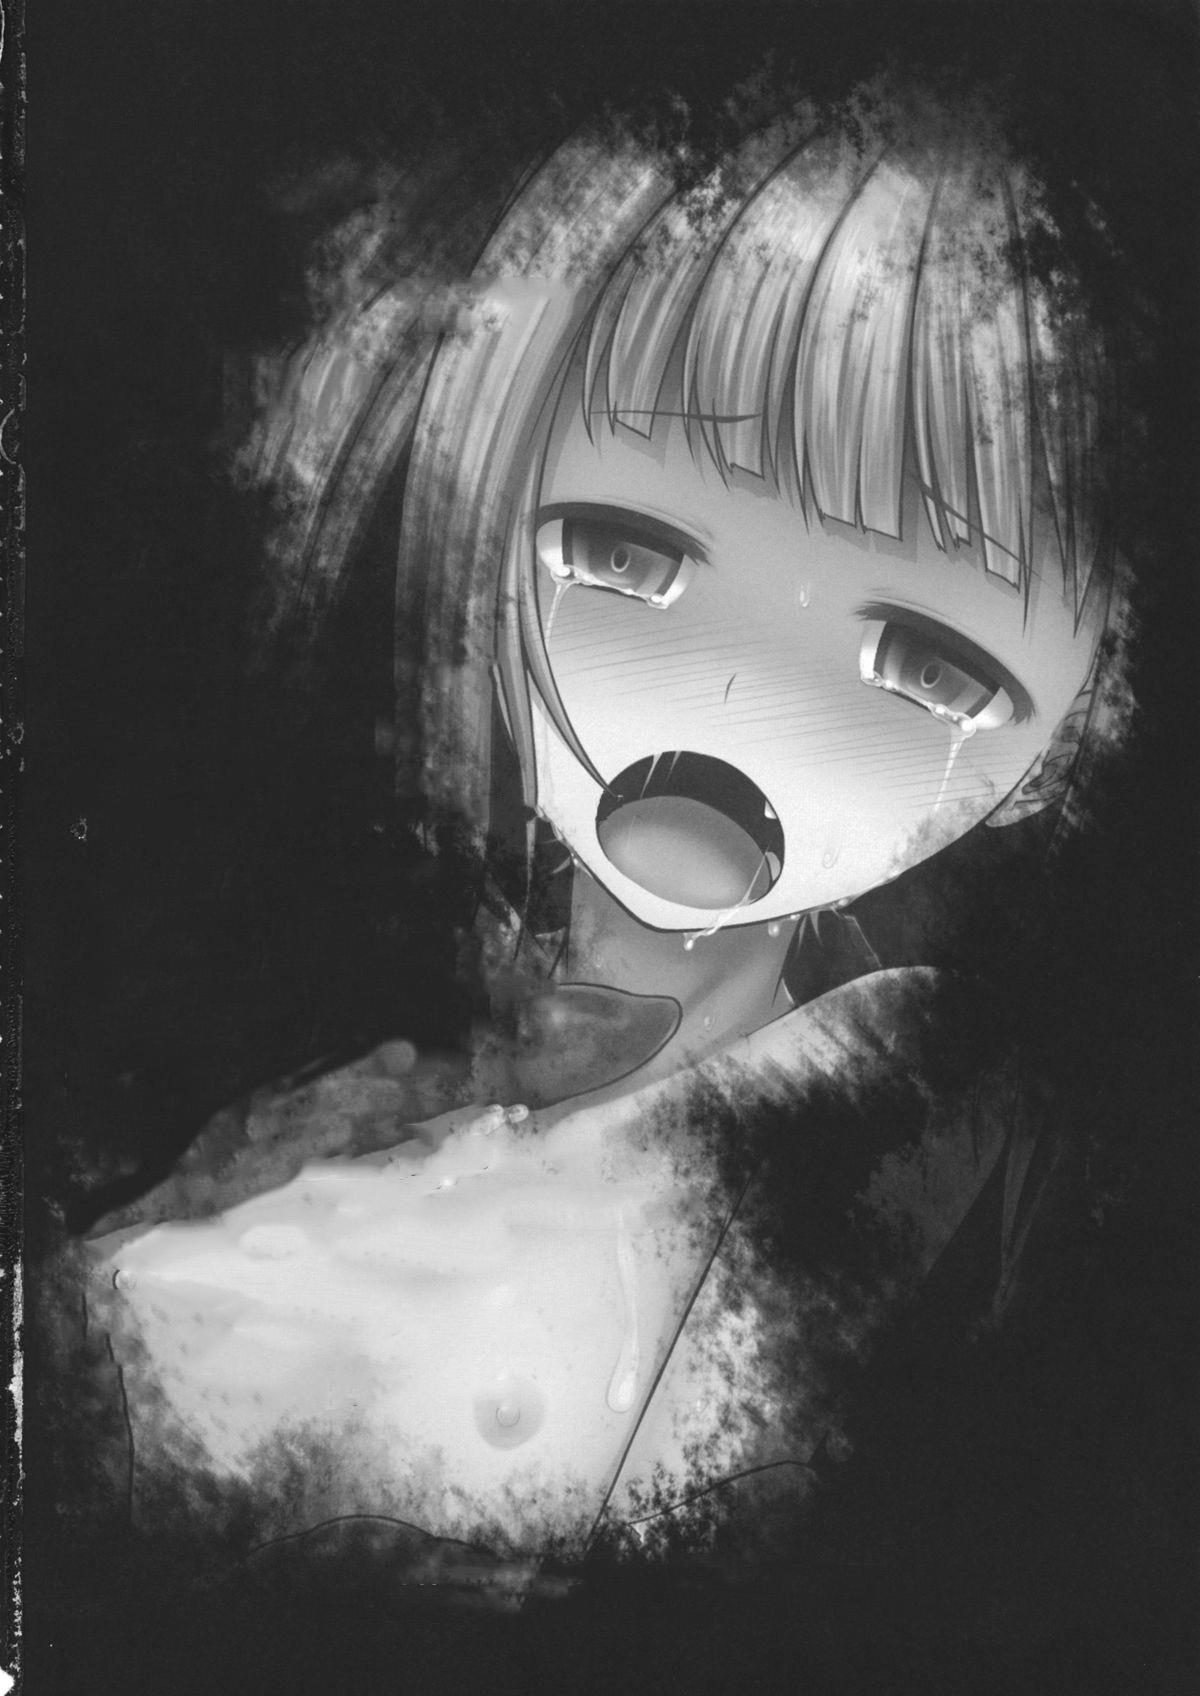 Hình ảnh  trong bài viết Naraku no Injuu